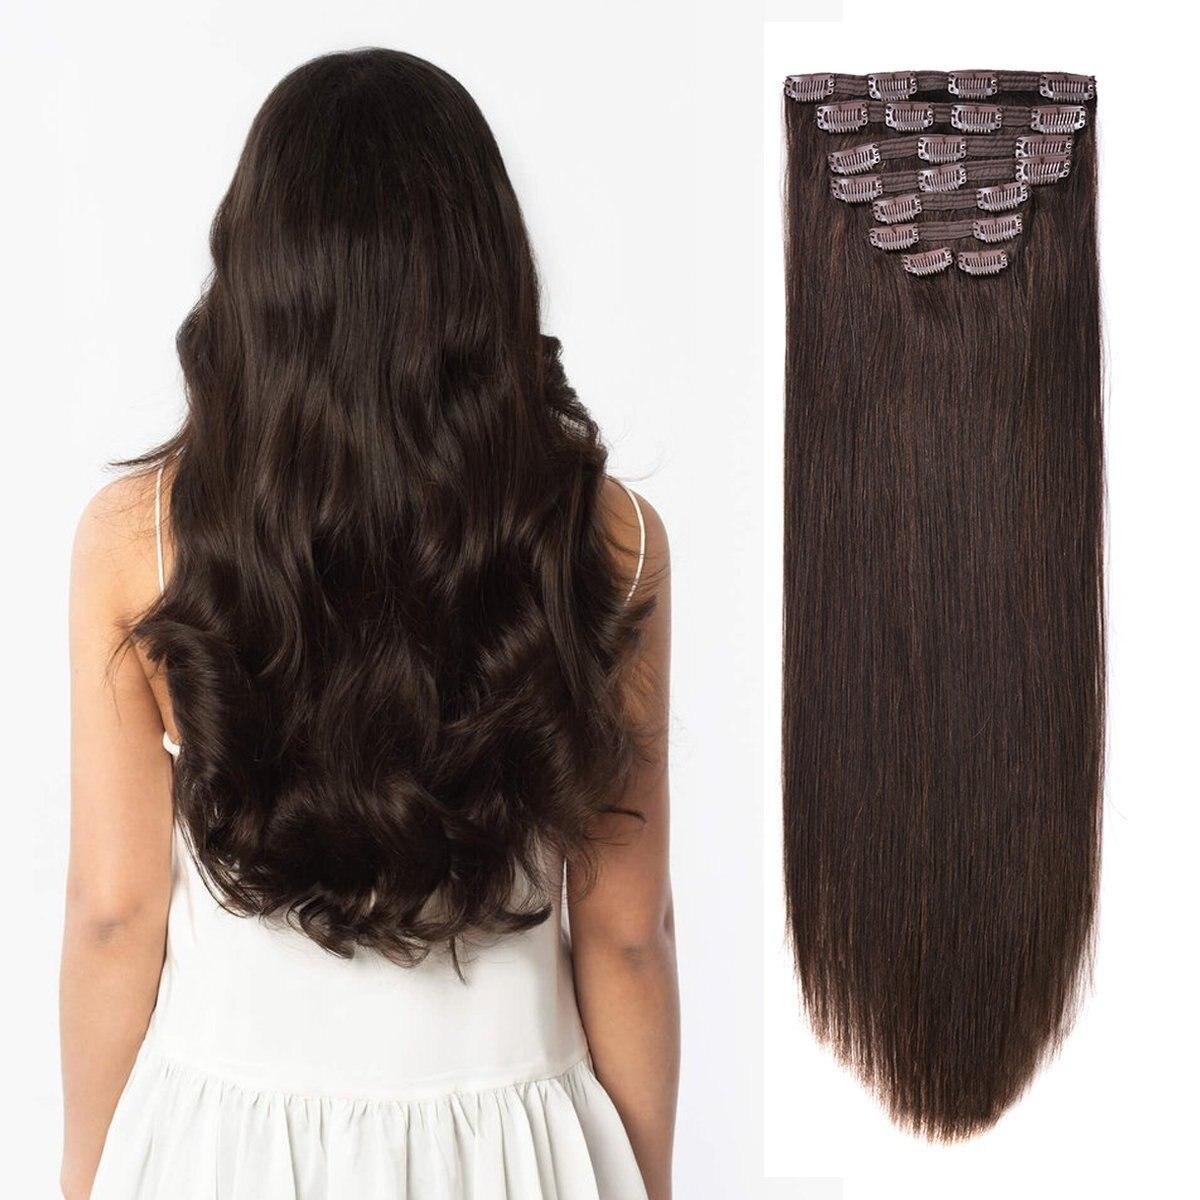 Накладные человеческие волосы BHF с зажимом 100% прямые натуральные Remy полной